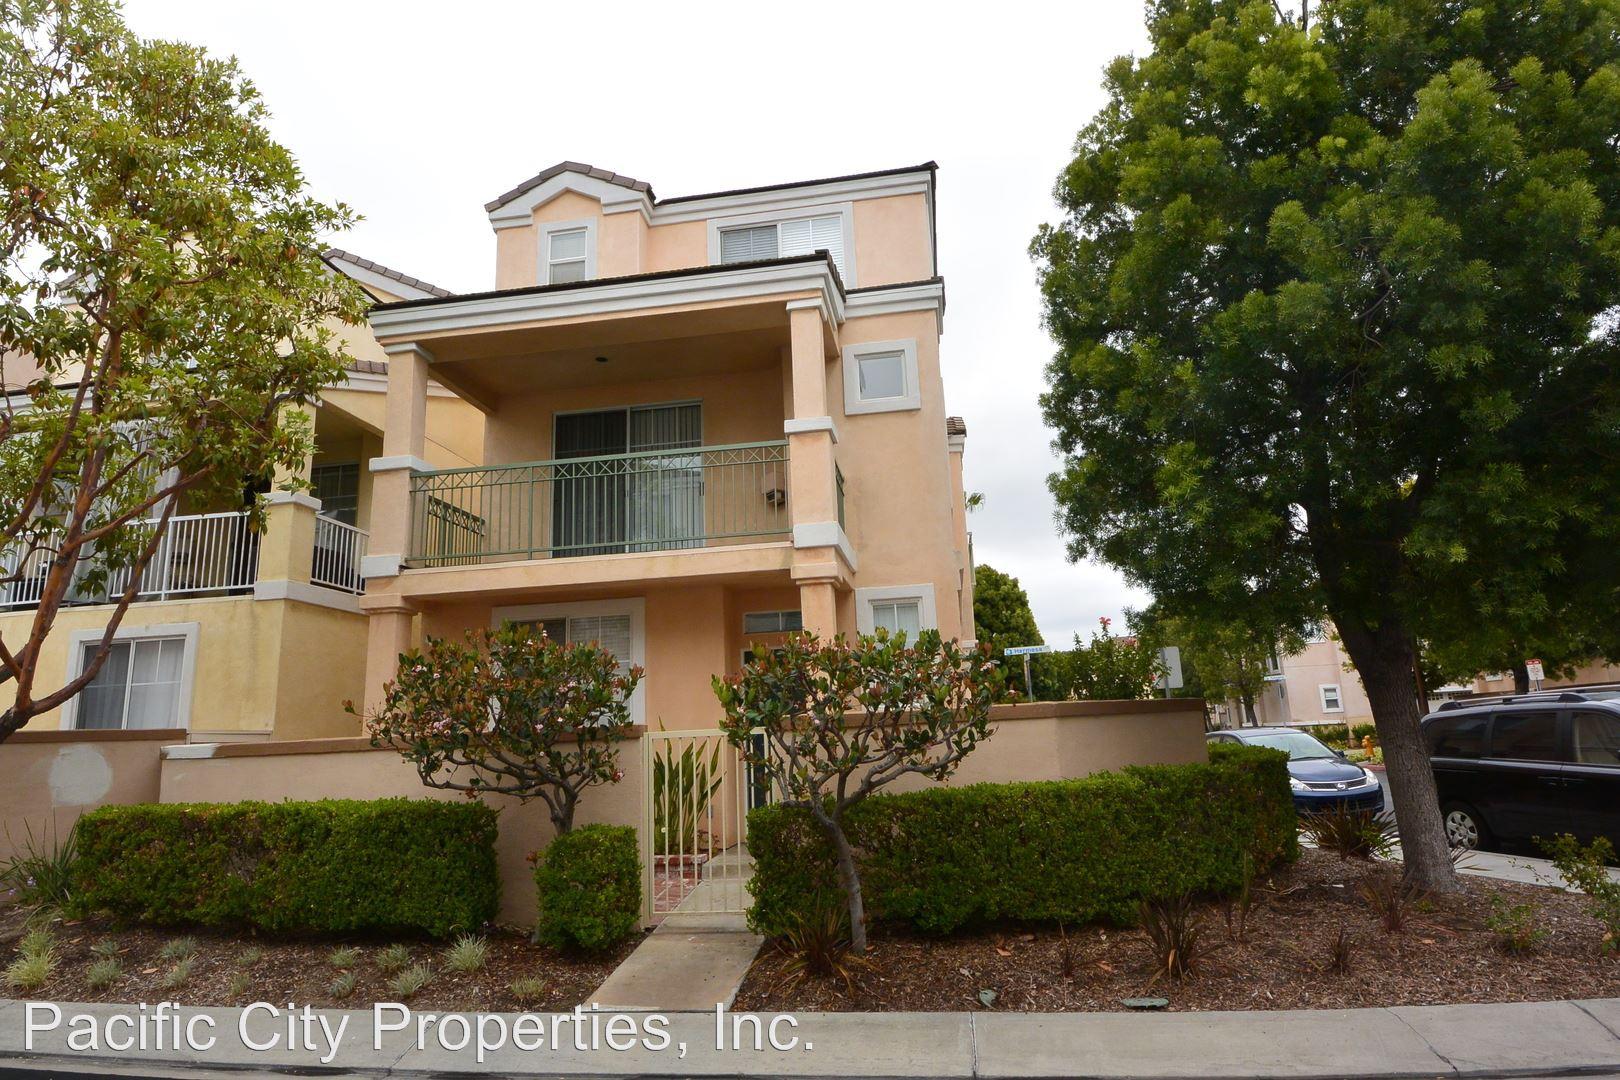 12989 Hermosa Ct, Garden Grove, CA 92840 3 Bedroom House for Rent ...